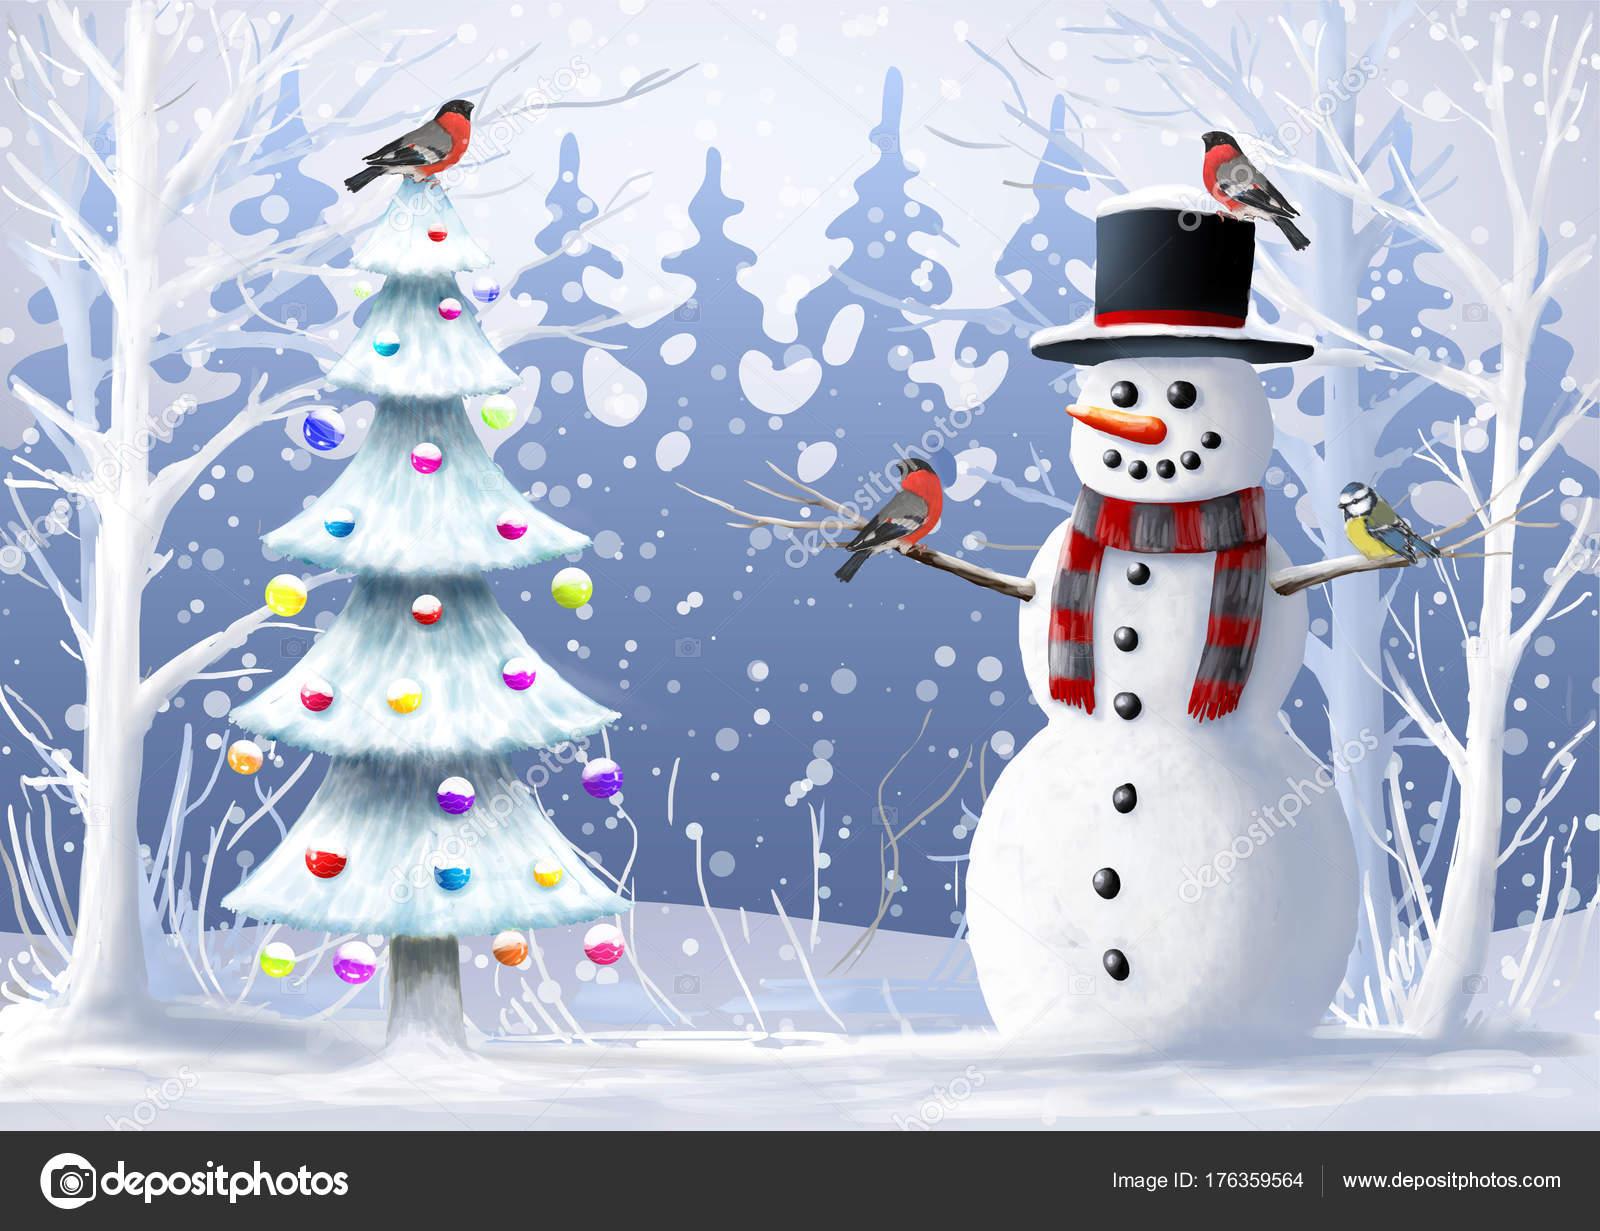 クリスマス イラスト雪だるまクリスマス ツリー野生の鳥冬の風景